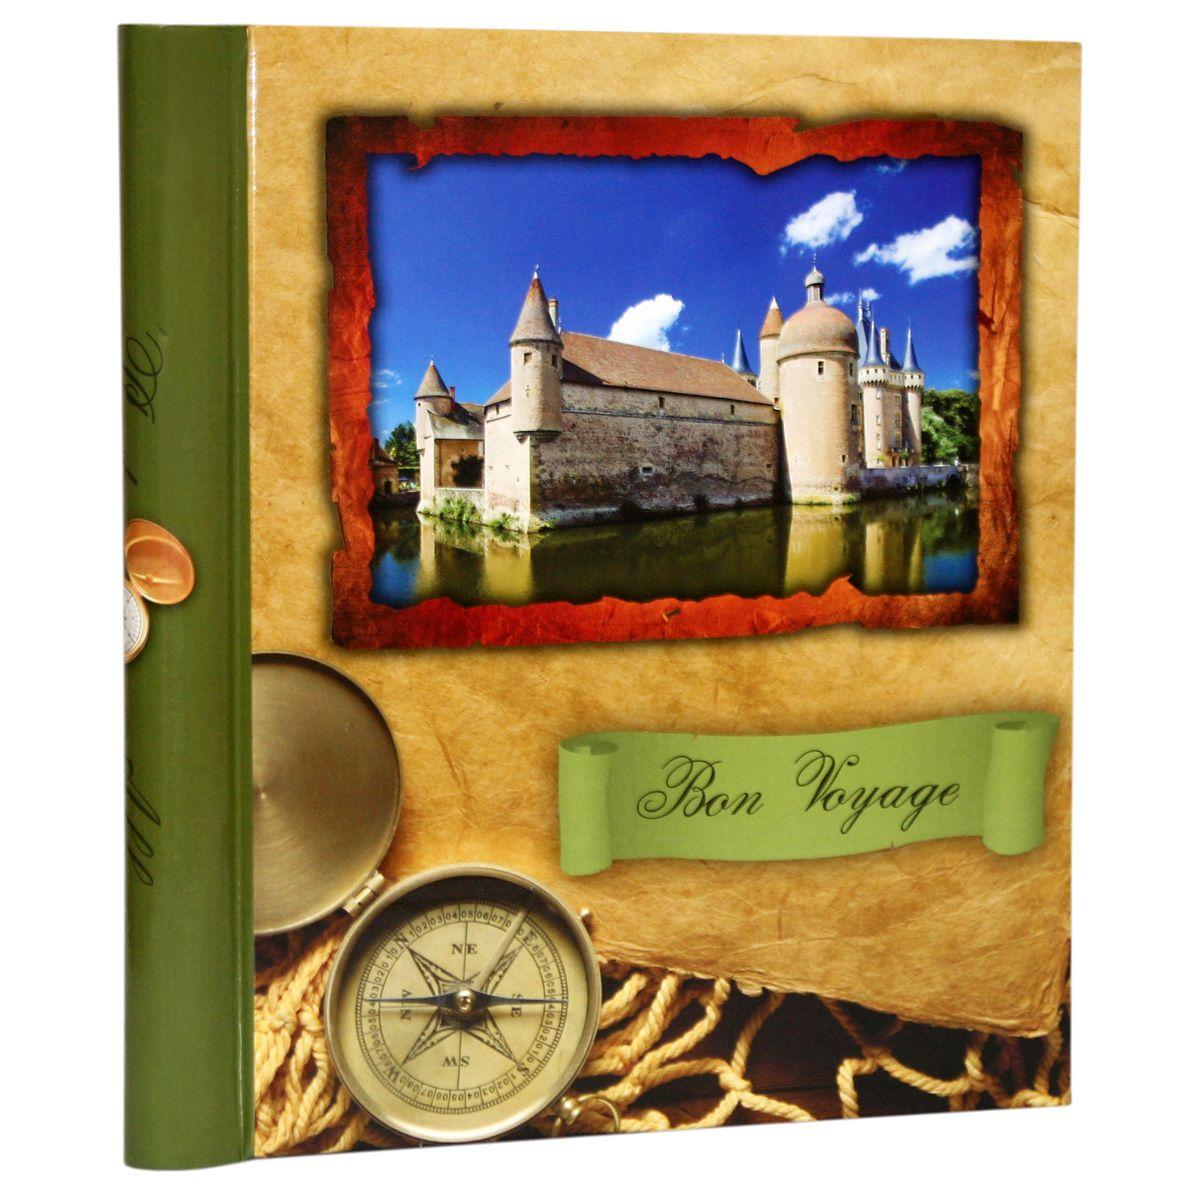 Фотоальбом Pioneer Bon Voyage, 10 магнитных листов, цвет: зеленый, 23 х 28 см46213 AP102328SAАльбом для фотографий формата 23х28 см. Тип обложки: ламинированный картон. Тип листов: магнитные. Тип переплета: спираль. Кол-во листов: 10. Материалы, использованные в изготовлении альбома, обеспечивают высокое качество хранения Ваших фотографий, поэтому фотографии не желтеют со временем.